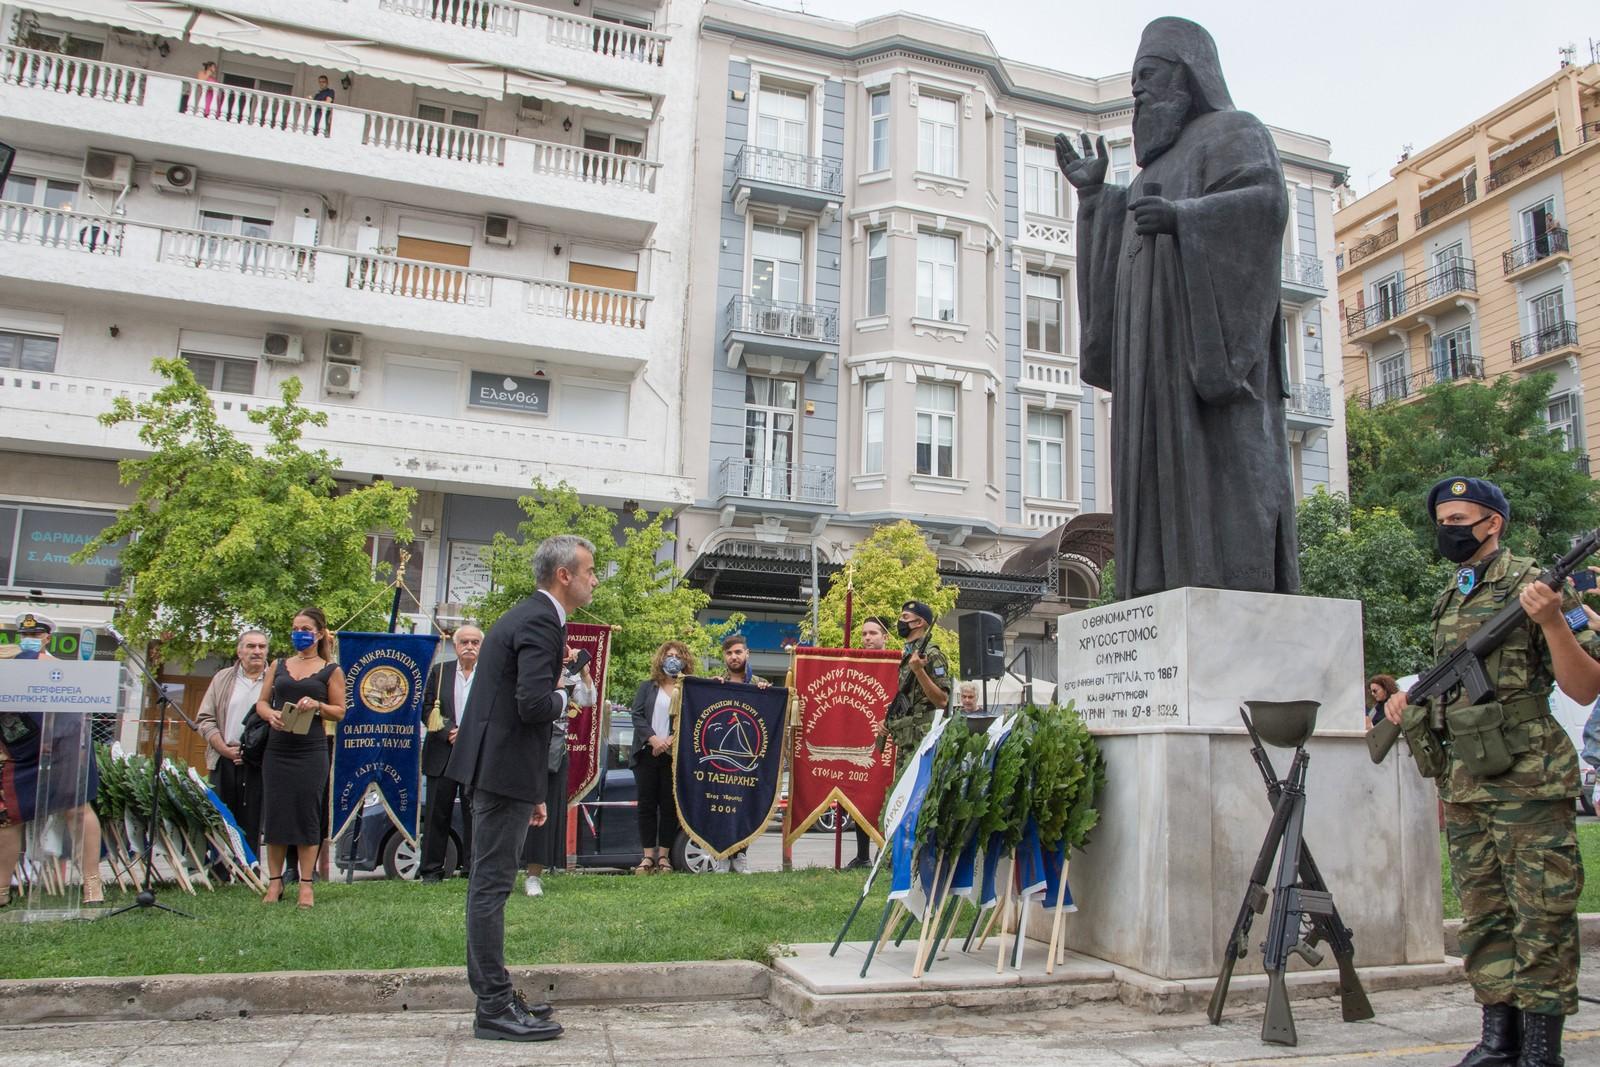 Ο Κ. Ζέρβας για την Ημέρα Εθνικής Μνήμης της Γενοκτονίας των Ελλήνων της Μικράς Ασίας: «Τιμούμε, σεβόμαστε και δεν ξεχνούμε»